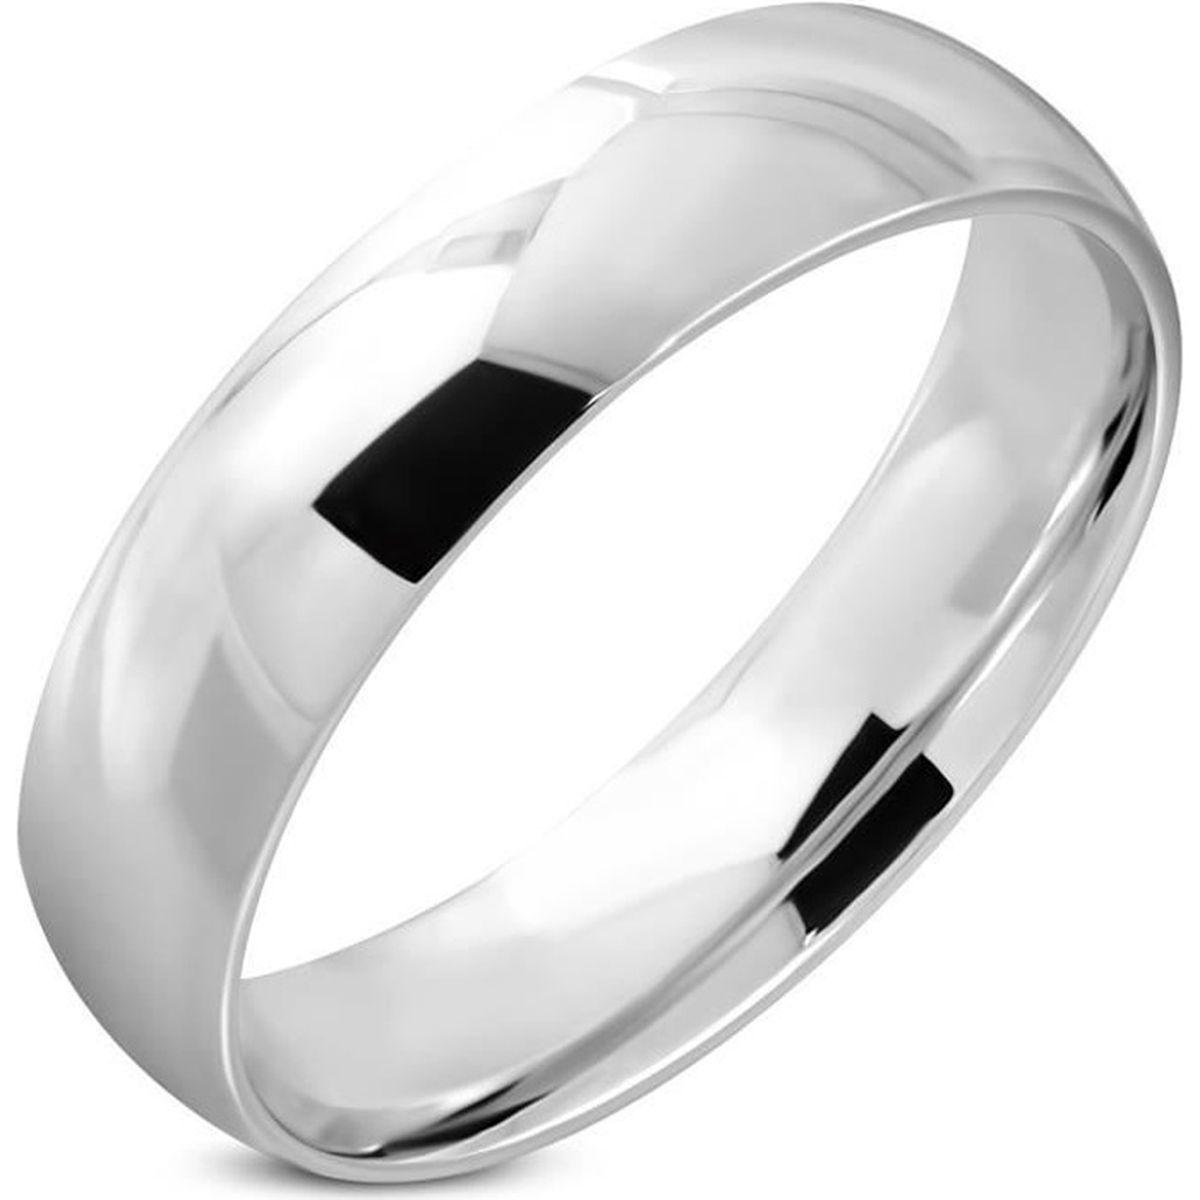 Bague femme anneau alliance tendance en acier 316L brillant